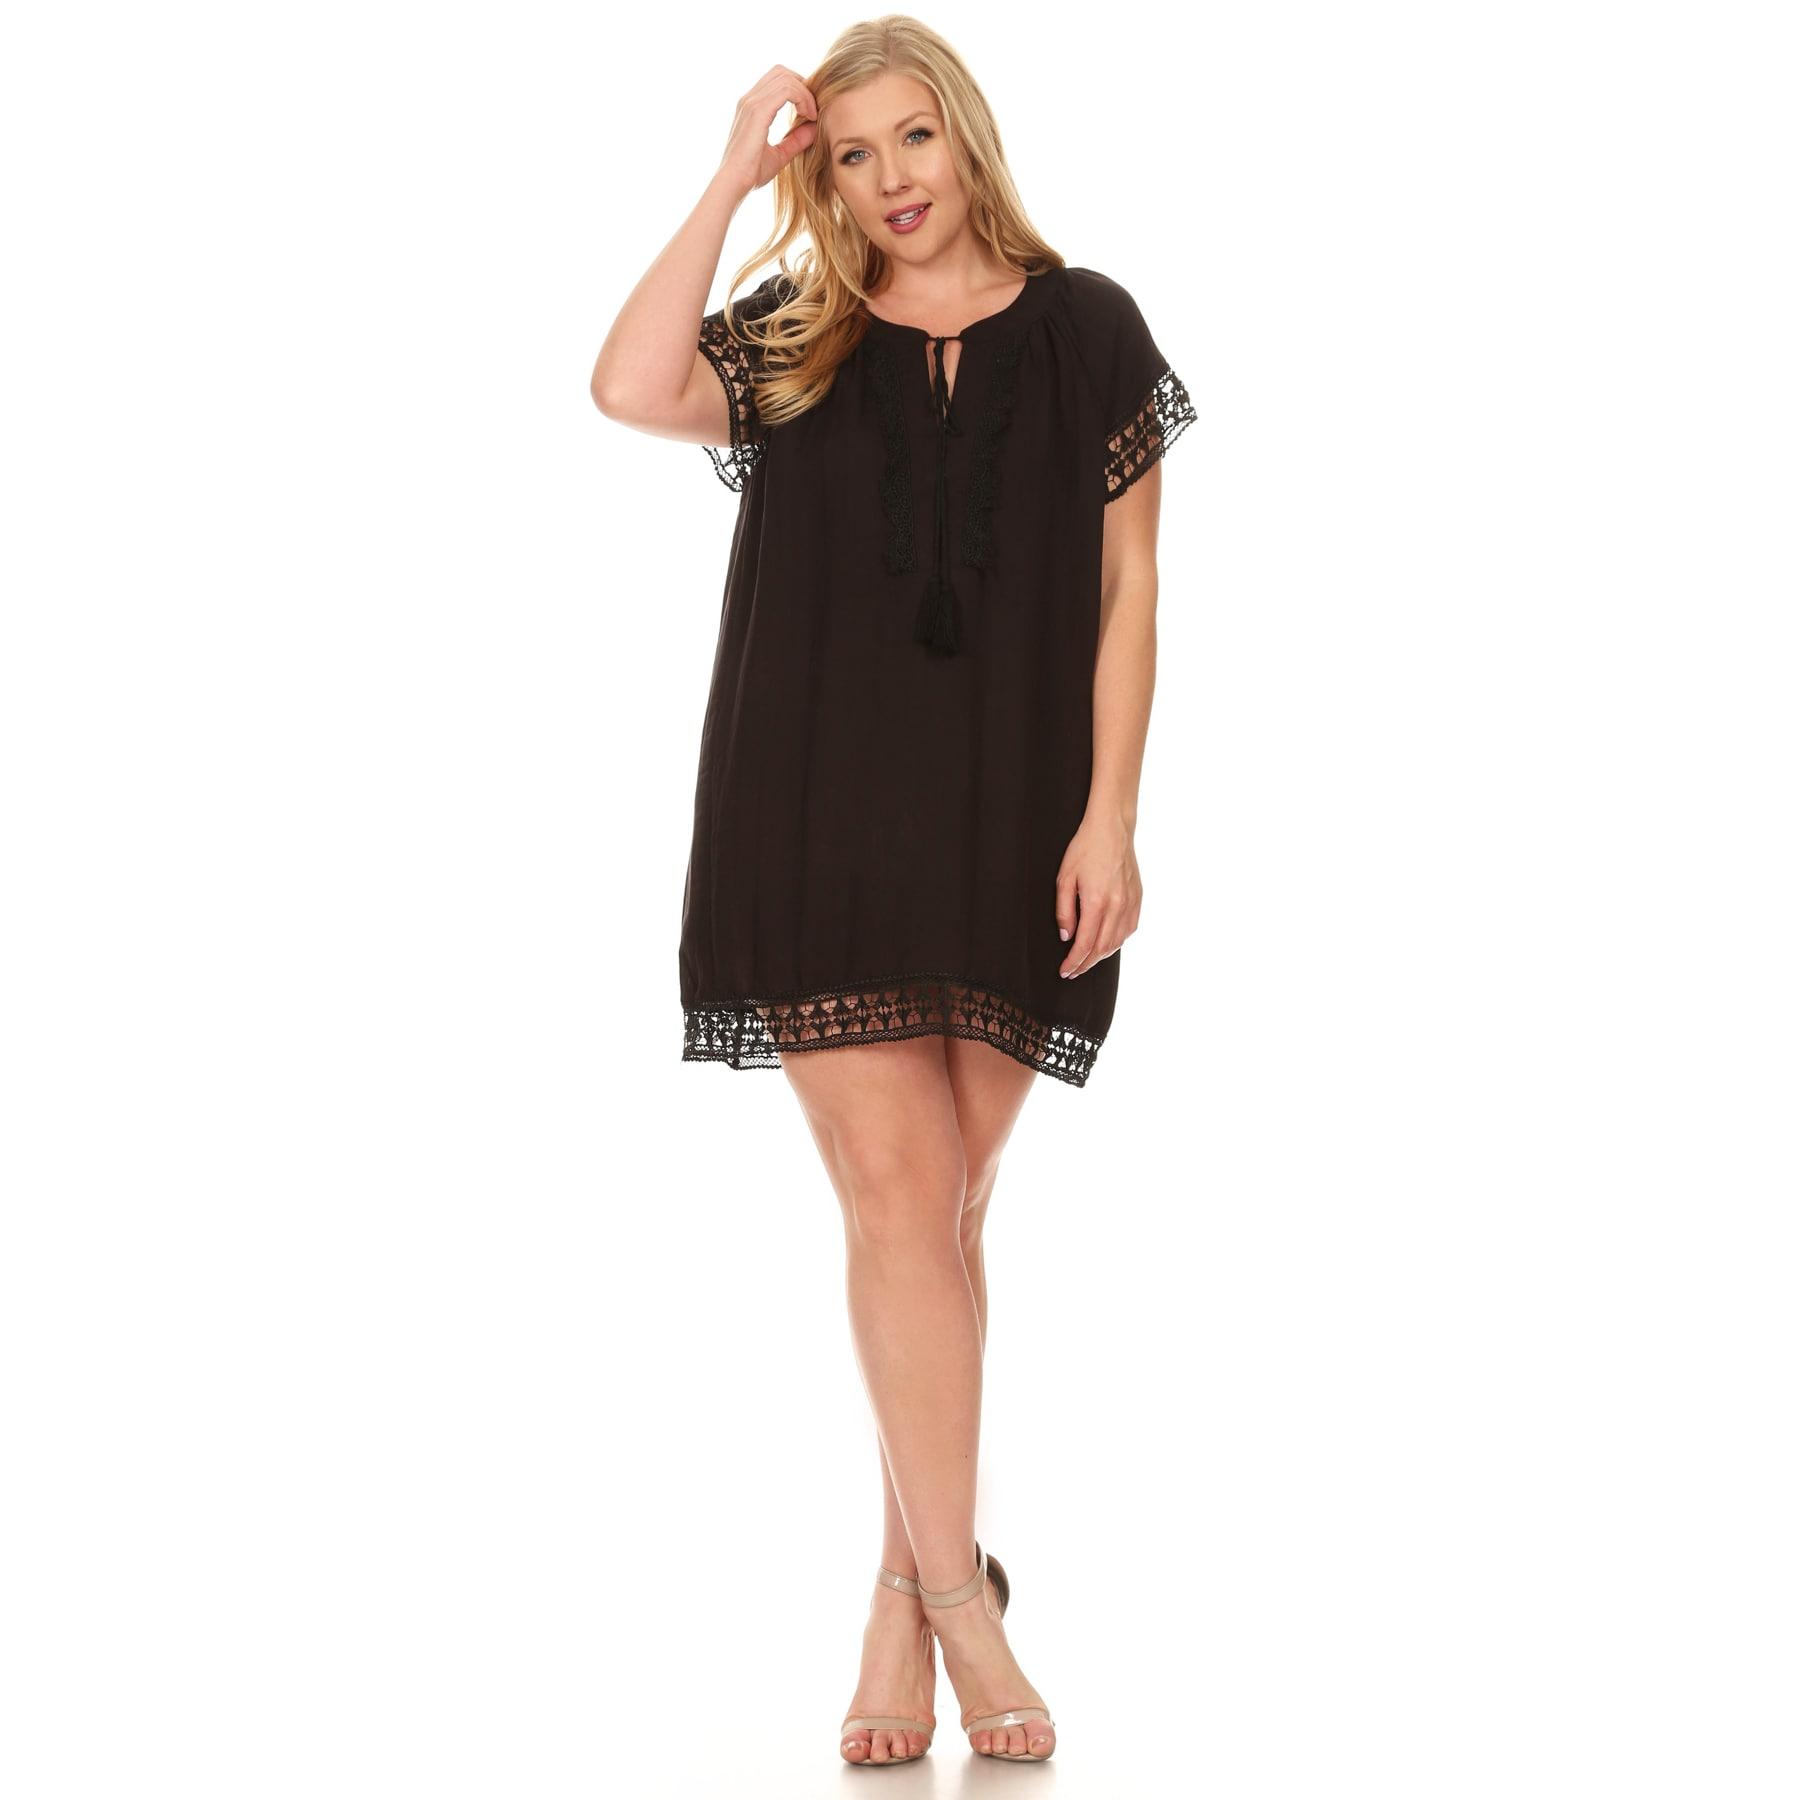 ce38cdfcfe5 Shop Xehar Women s Plus Size Casual Crochet Lace Trim Short Mini ...